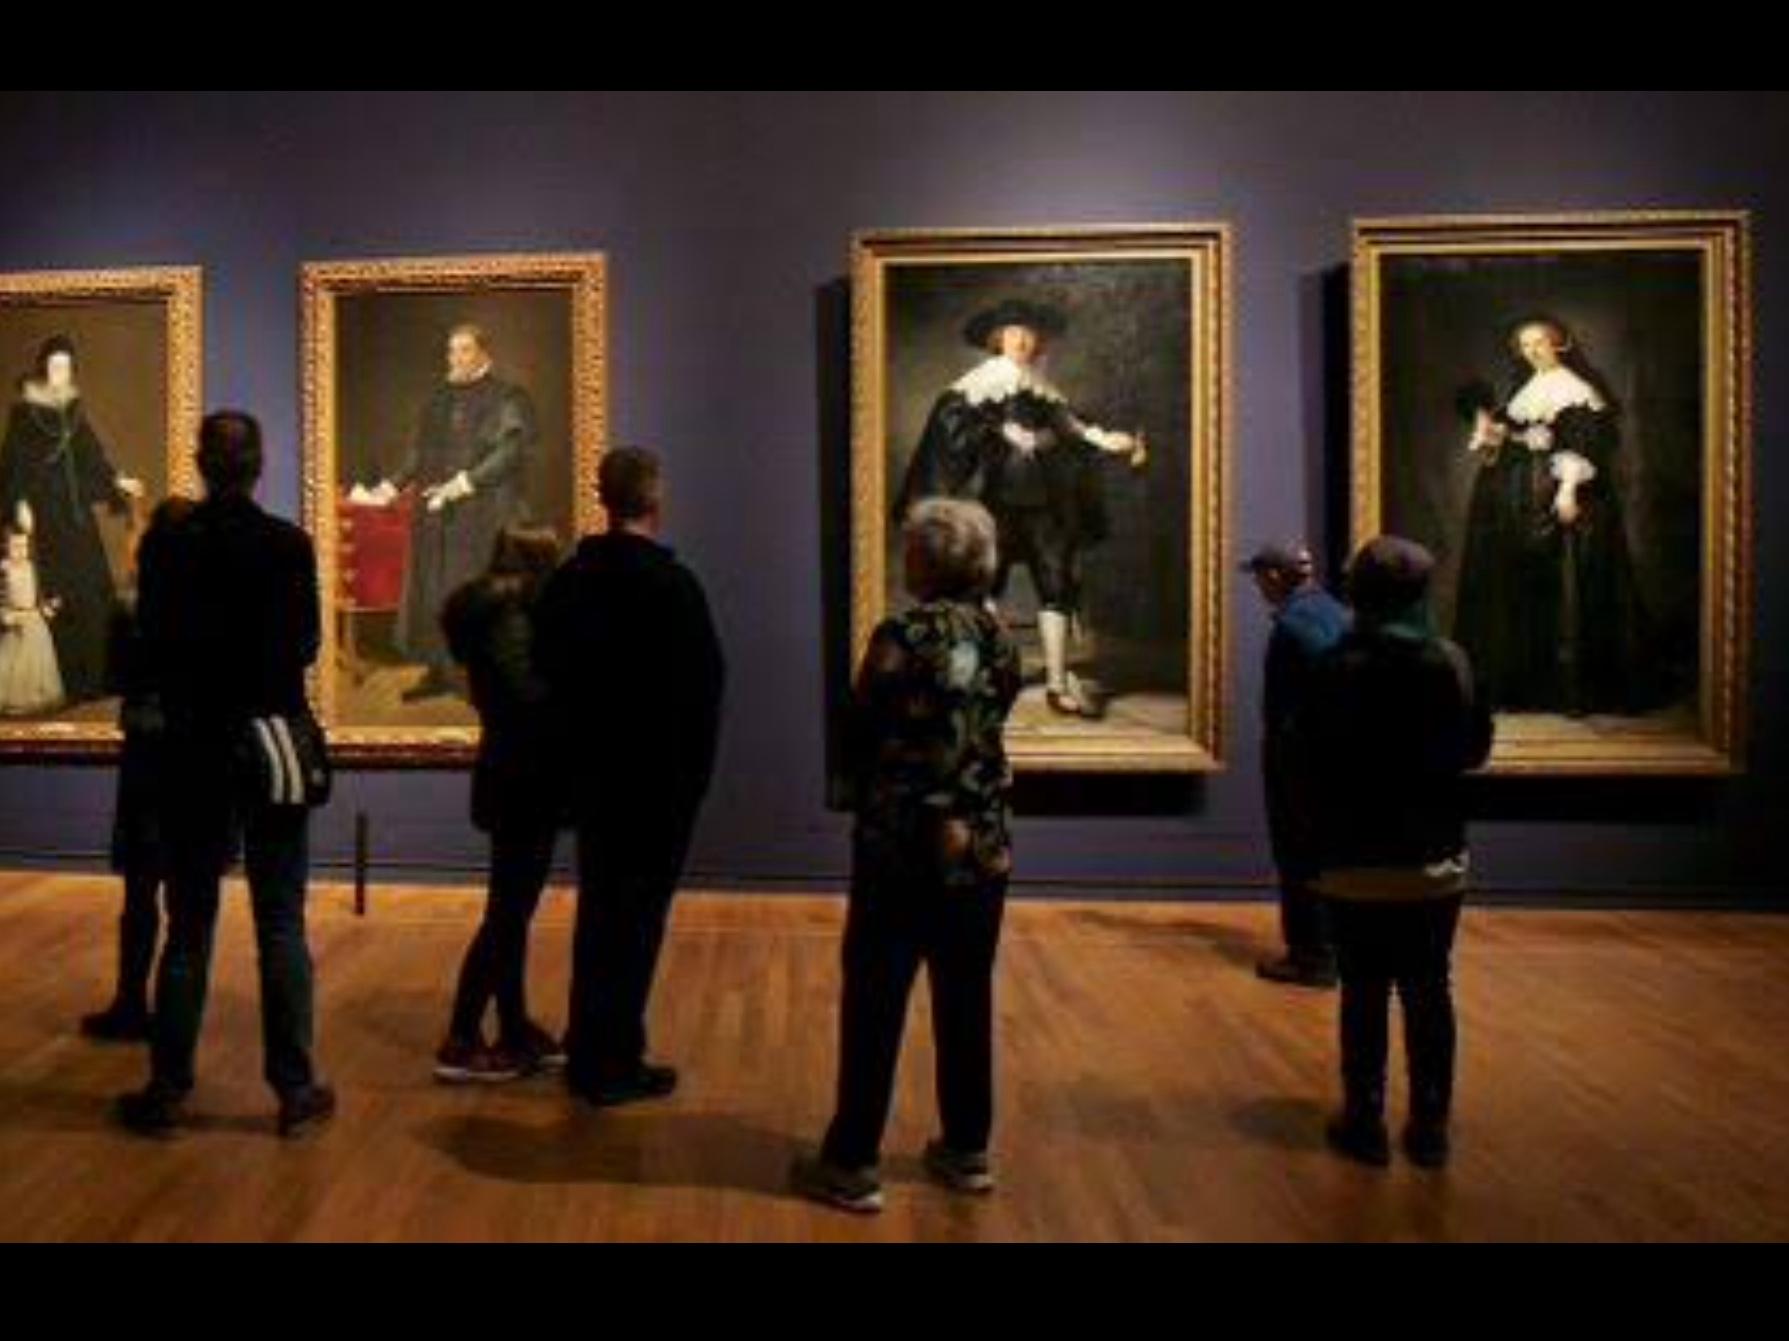 Innovación, desafío para museos en era post COVID-19